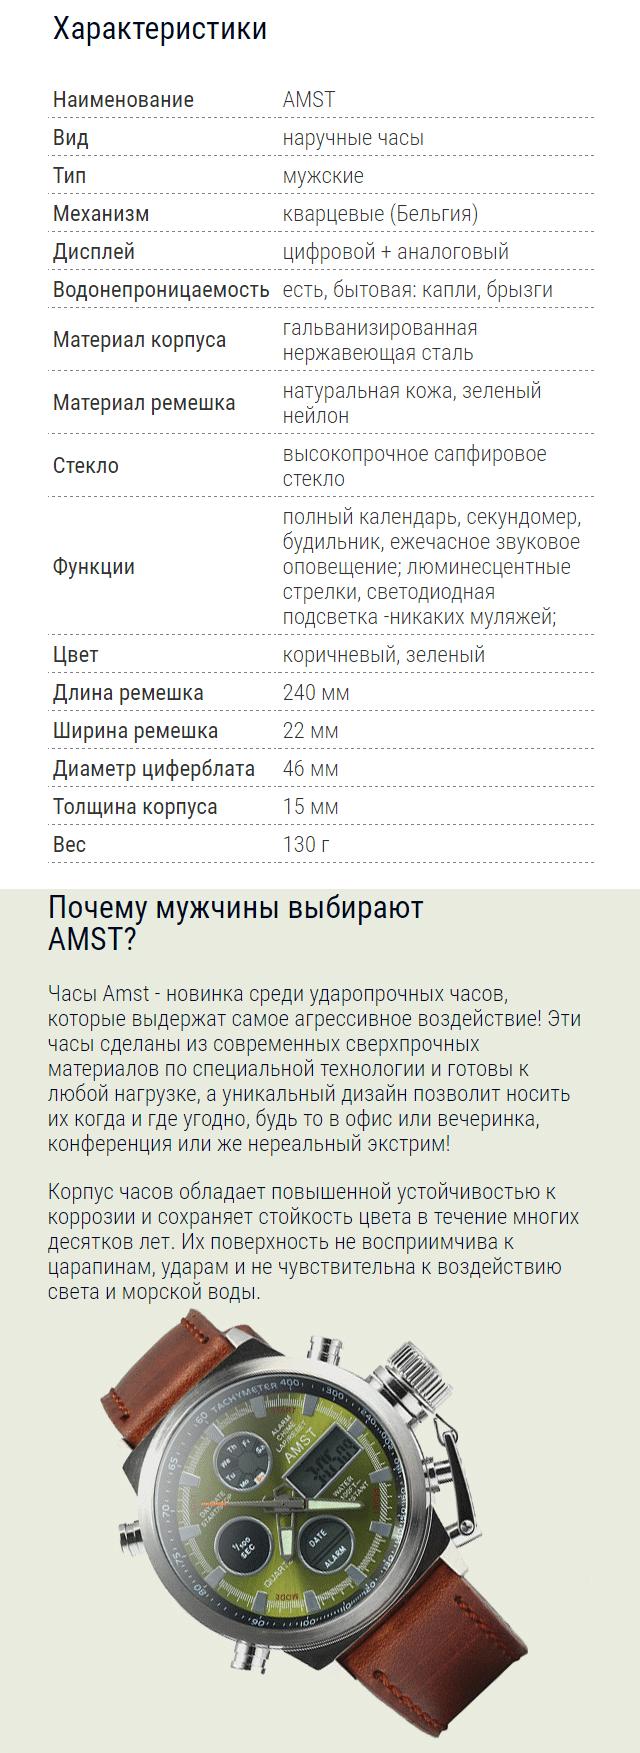 осторожны при наручные часы amst инструкция на русском если